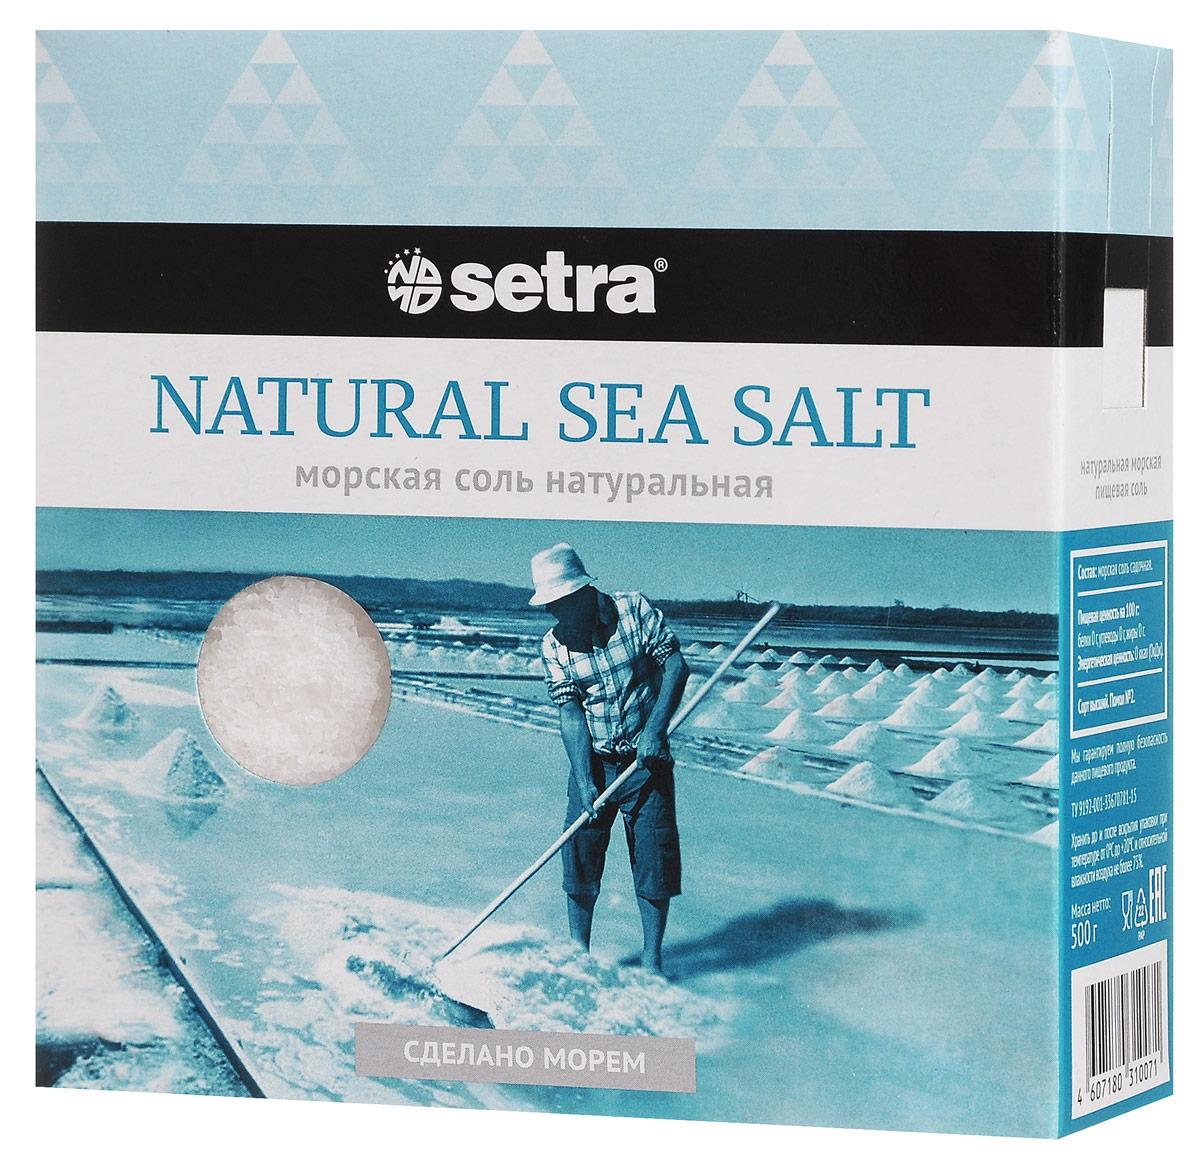 Setra соль морская натуральная без добавок, 500 г соль setra морская мелкая йодированная 500 г